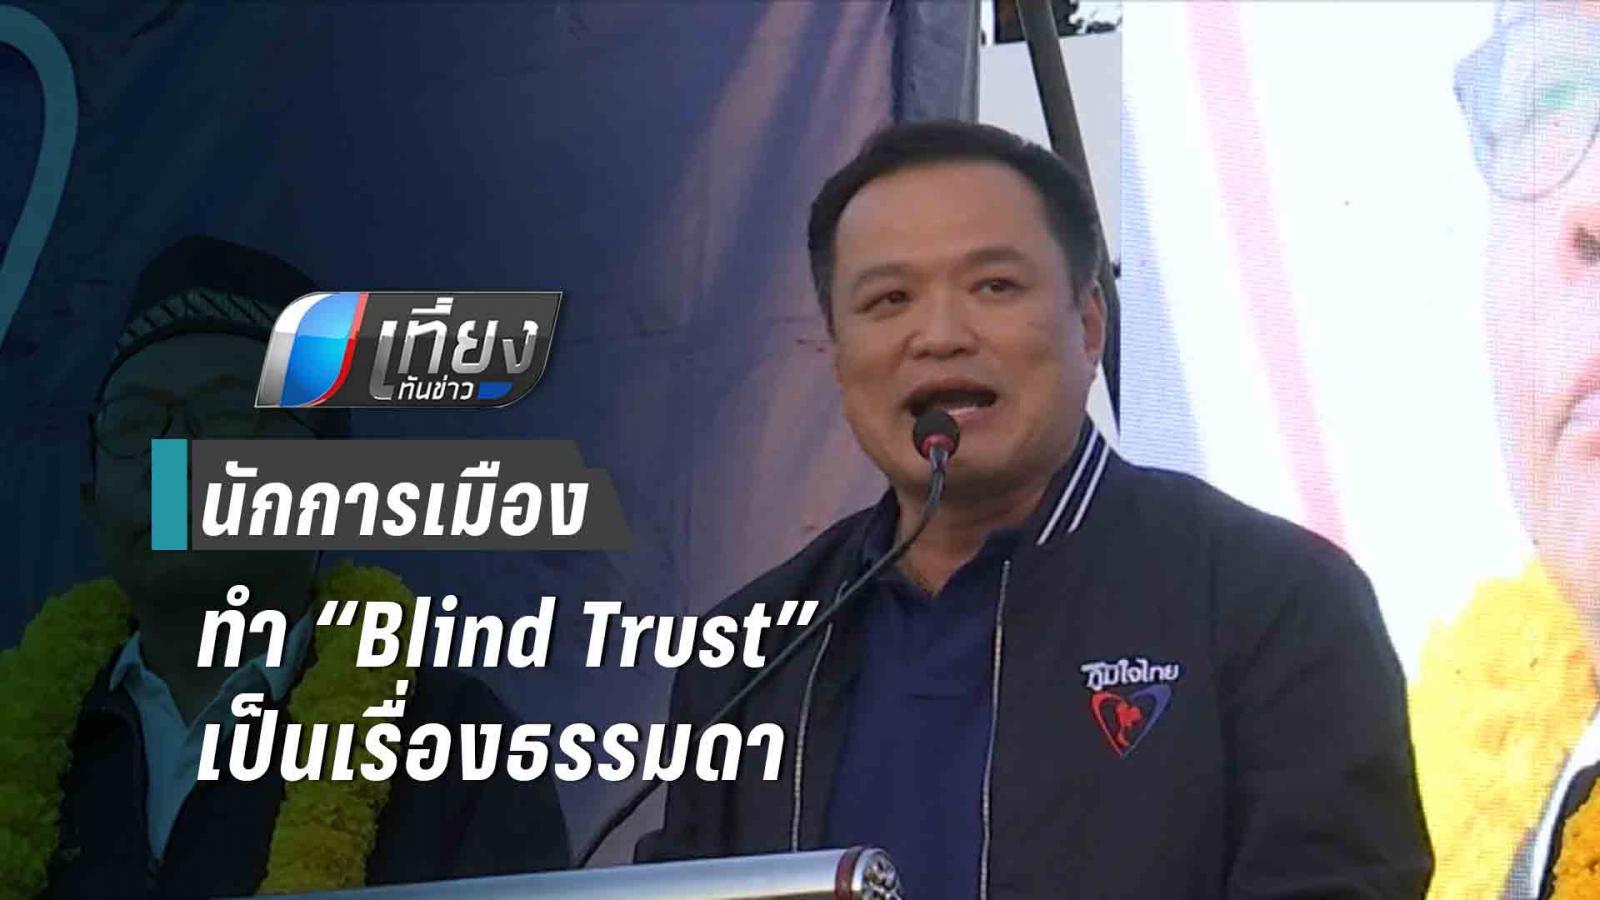 """""""อนุทิน"""" ชี้ นักการเมืองทำ Blind Trust เป็นเรื่องธรรมดา ไม่ใช่สปิริต"""